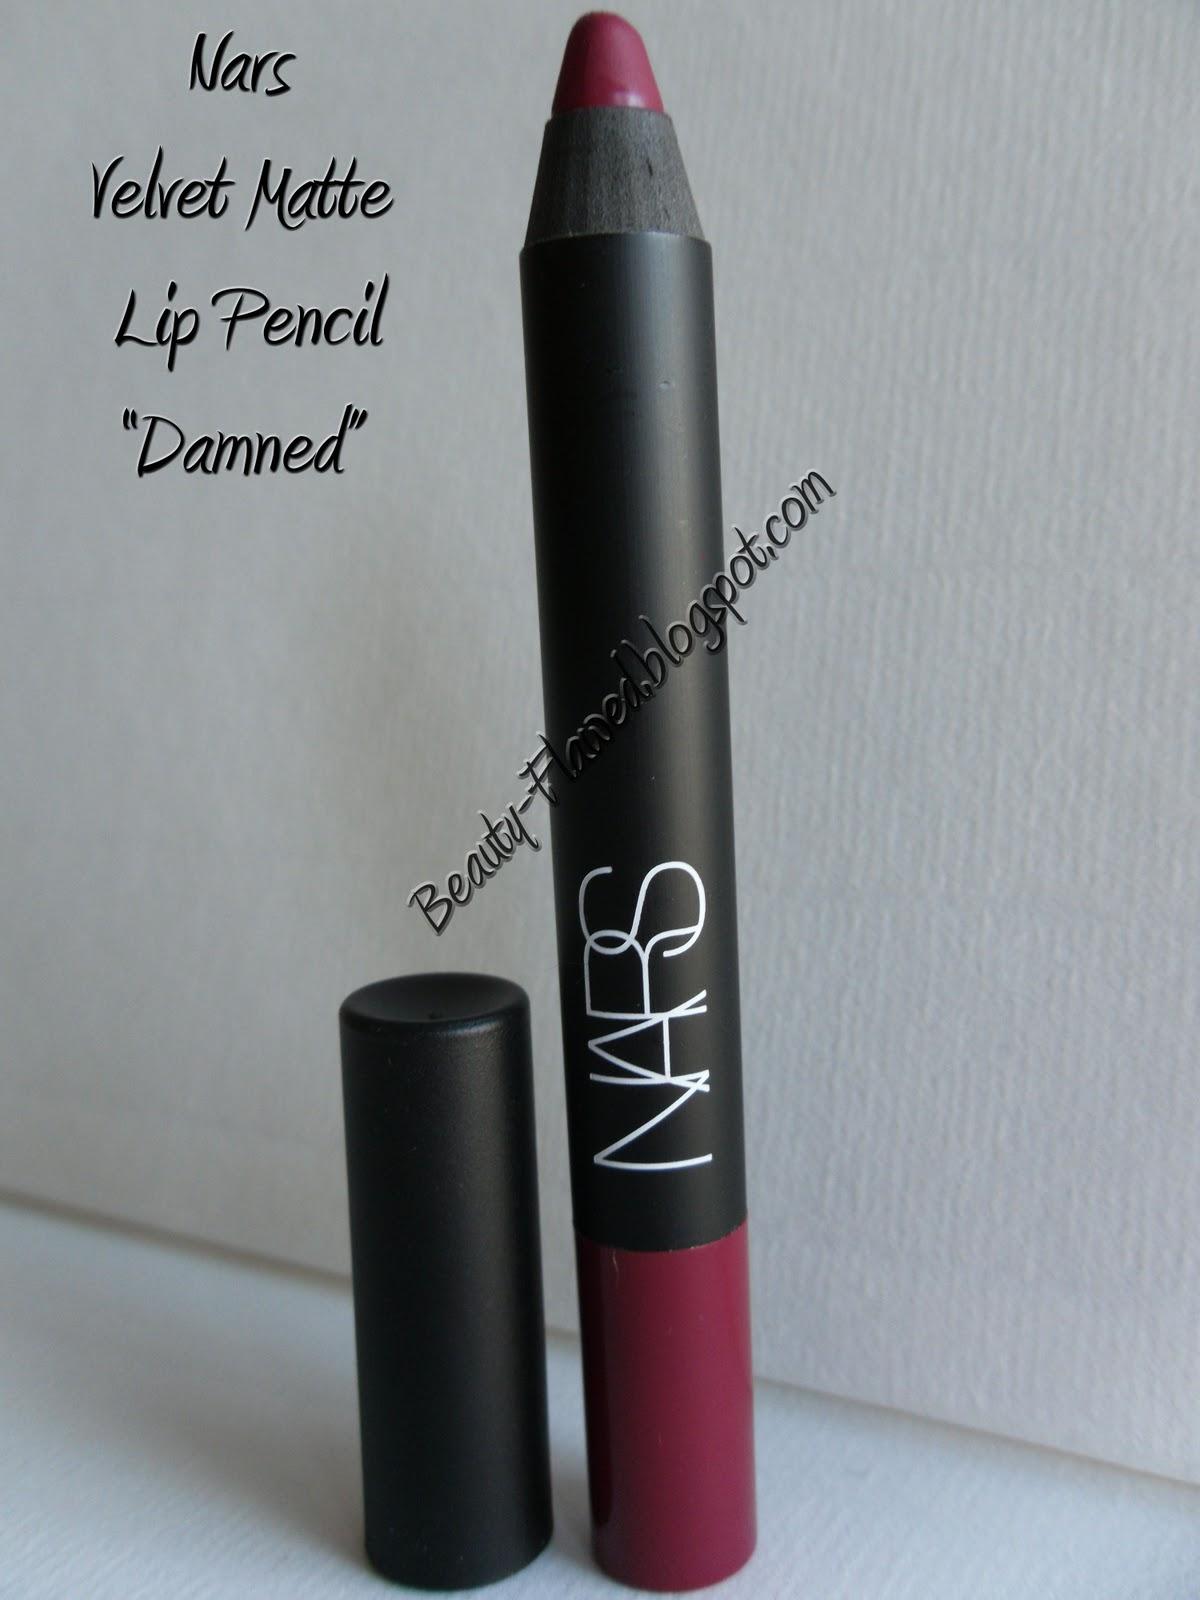 Velvet Lip Kits Velvet Liquid Lipsticks: Nars Velvet Matte Lip Pencil In Damned